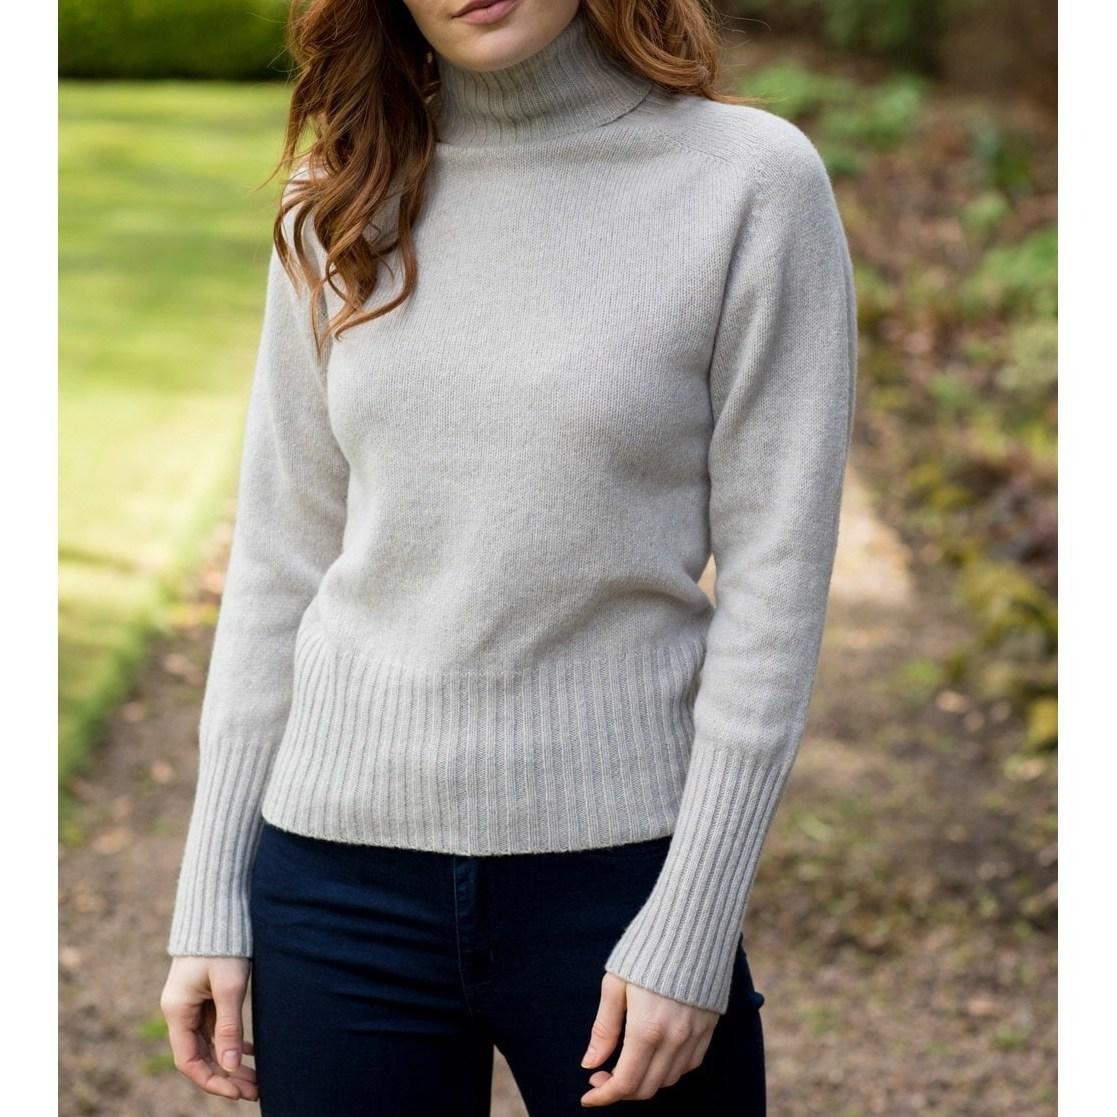 할리 오브 스코틀랜드 HARLEY OF SCOTLAND 여성 터틀넥 여자 스웨터 니트 우먼